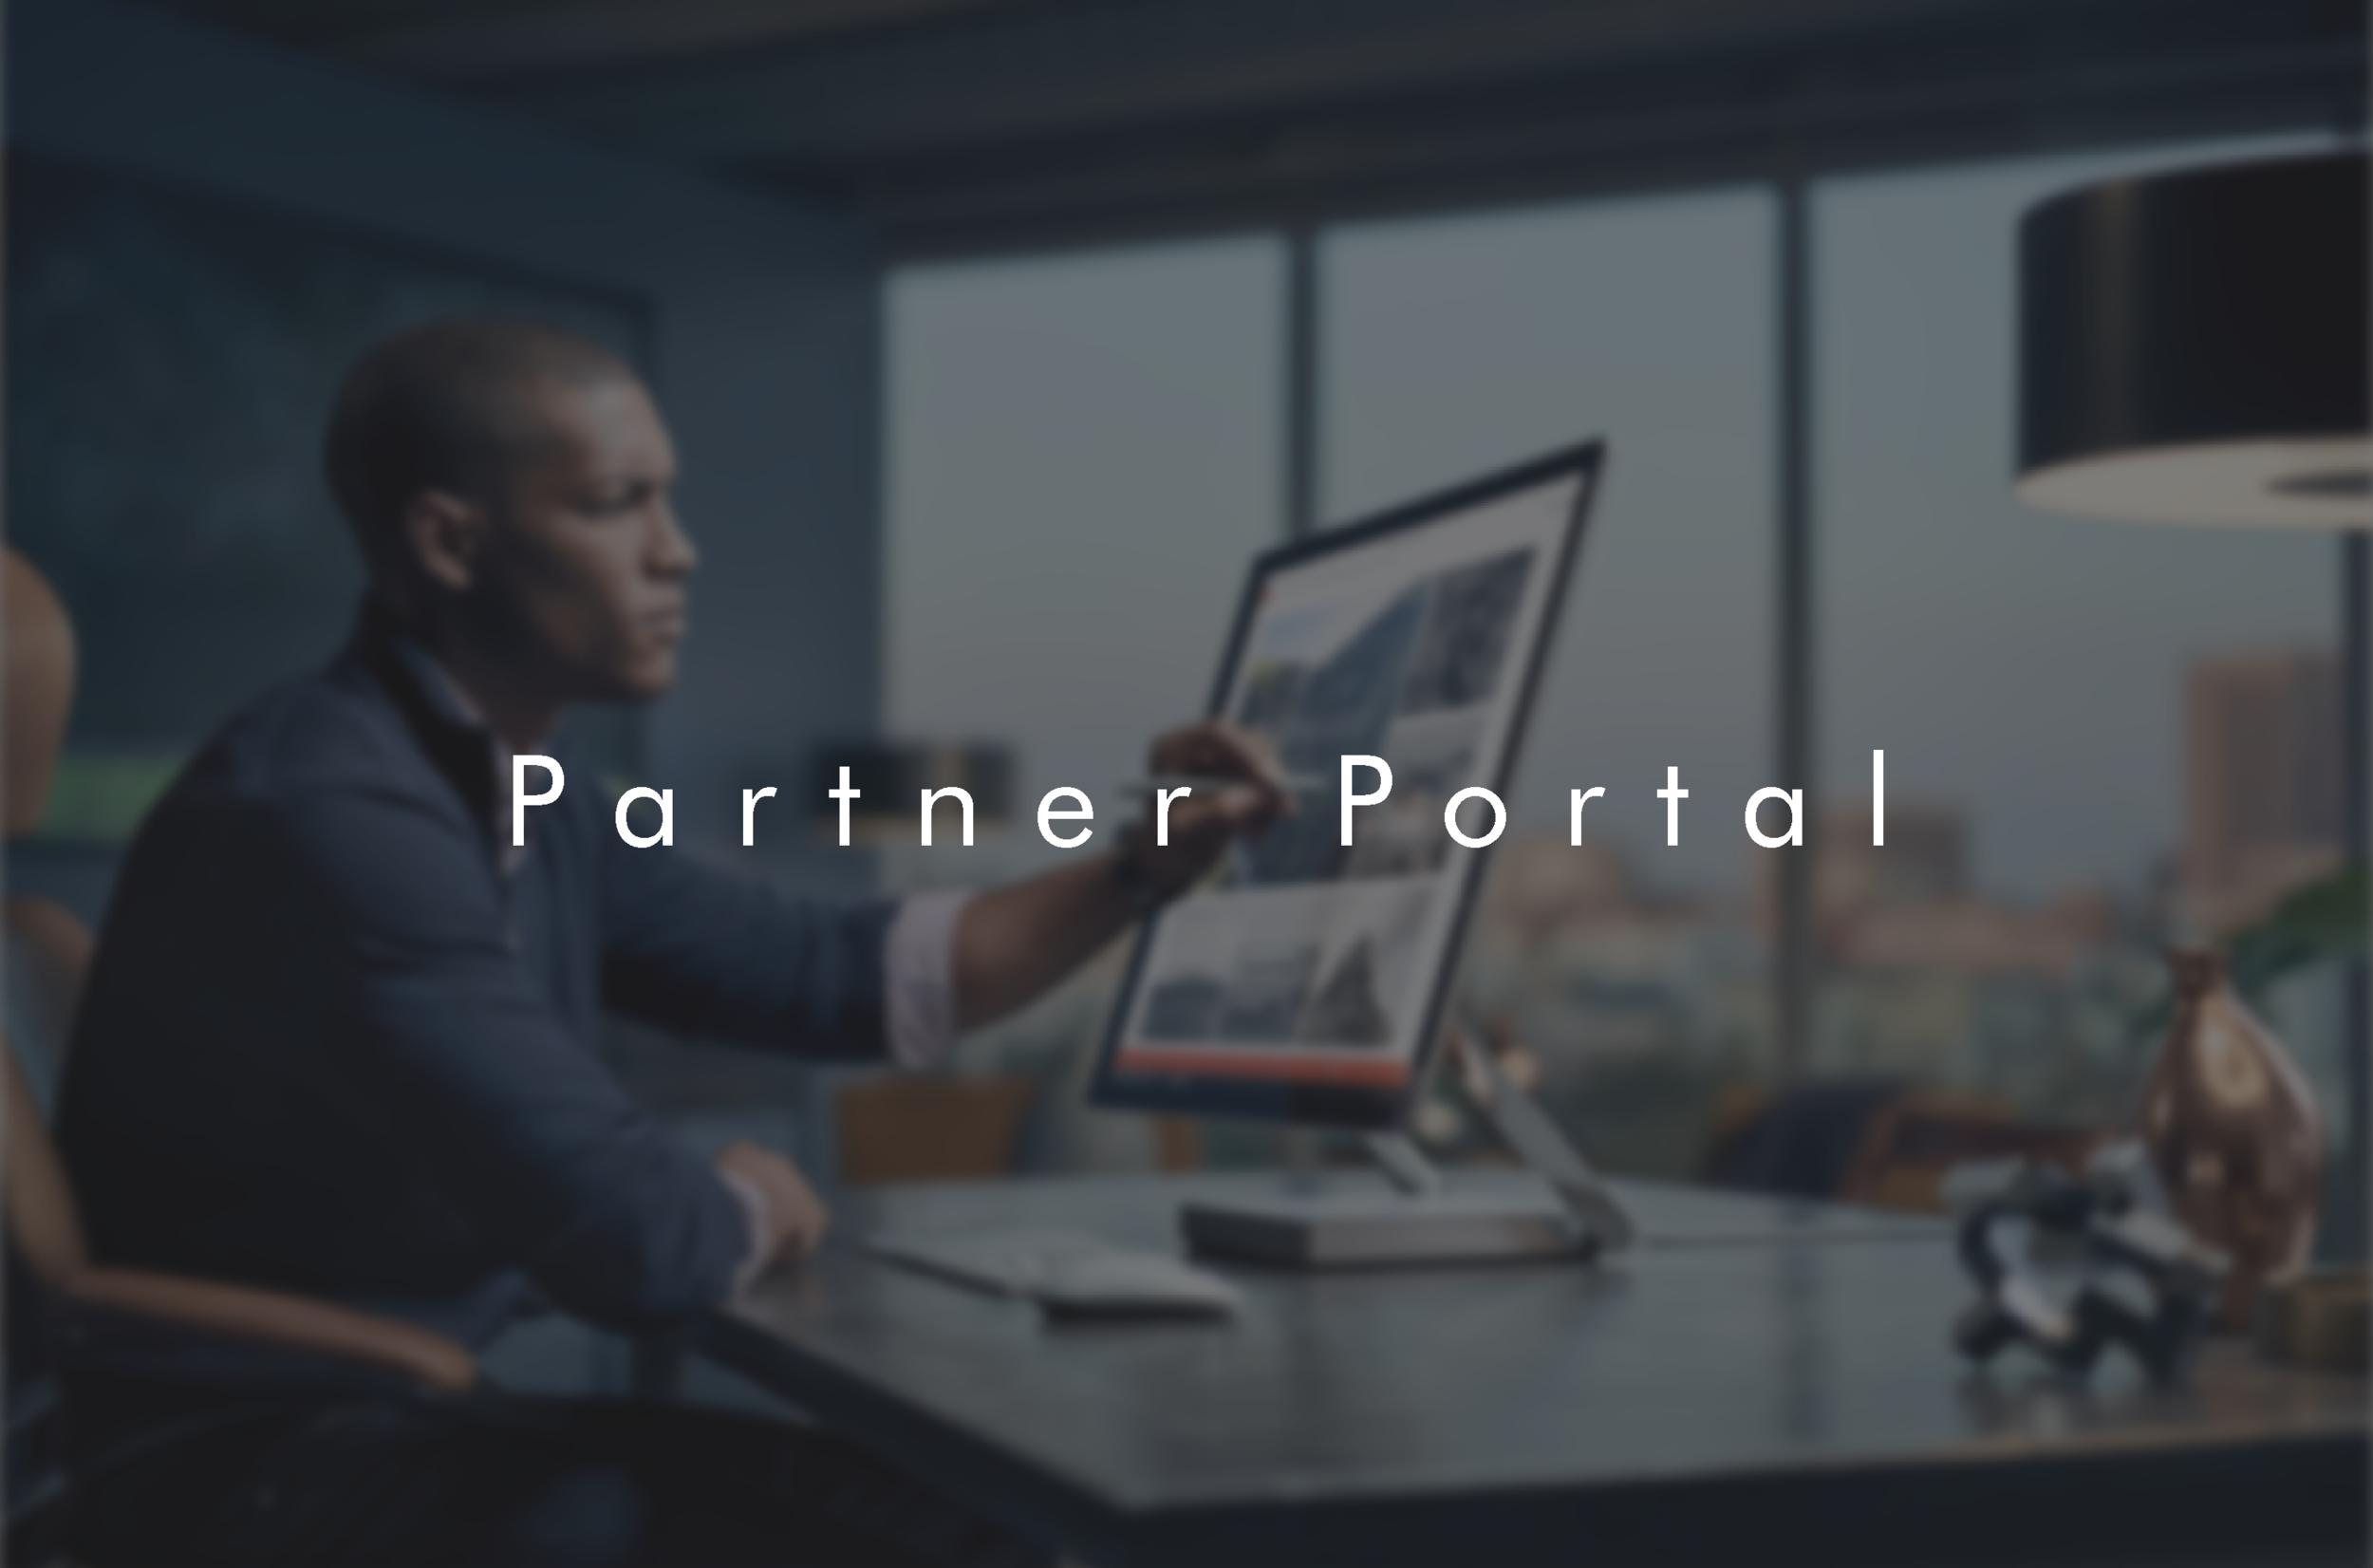 Partner portal-01.png